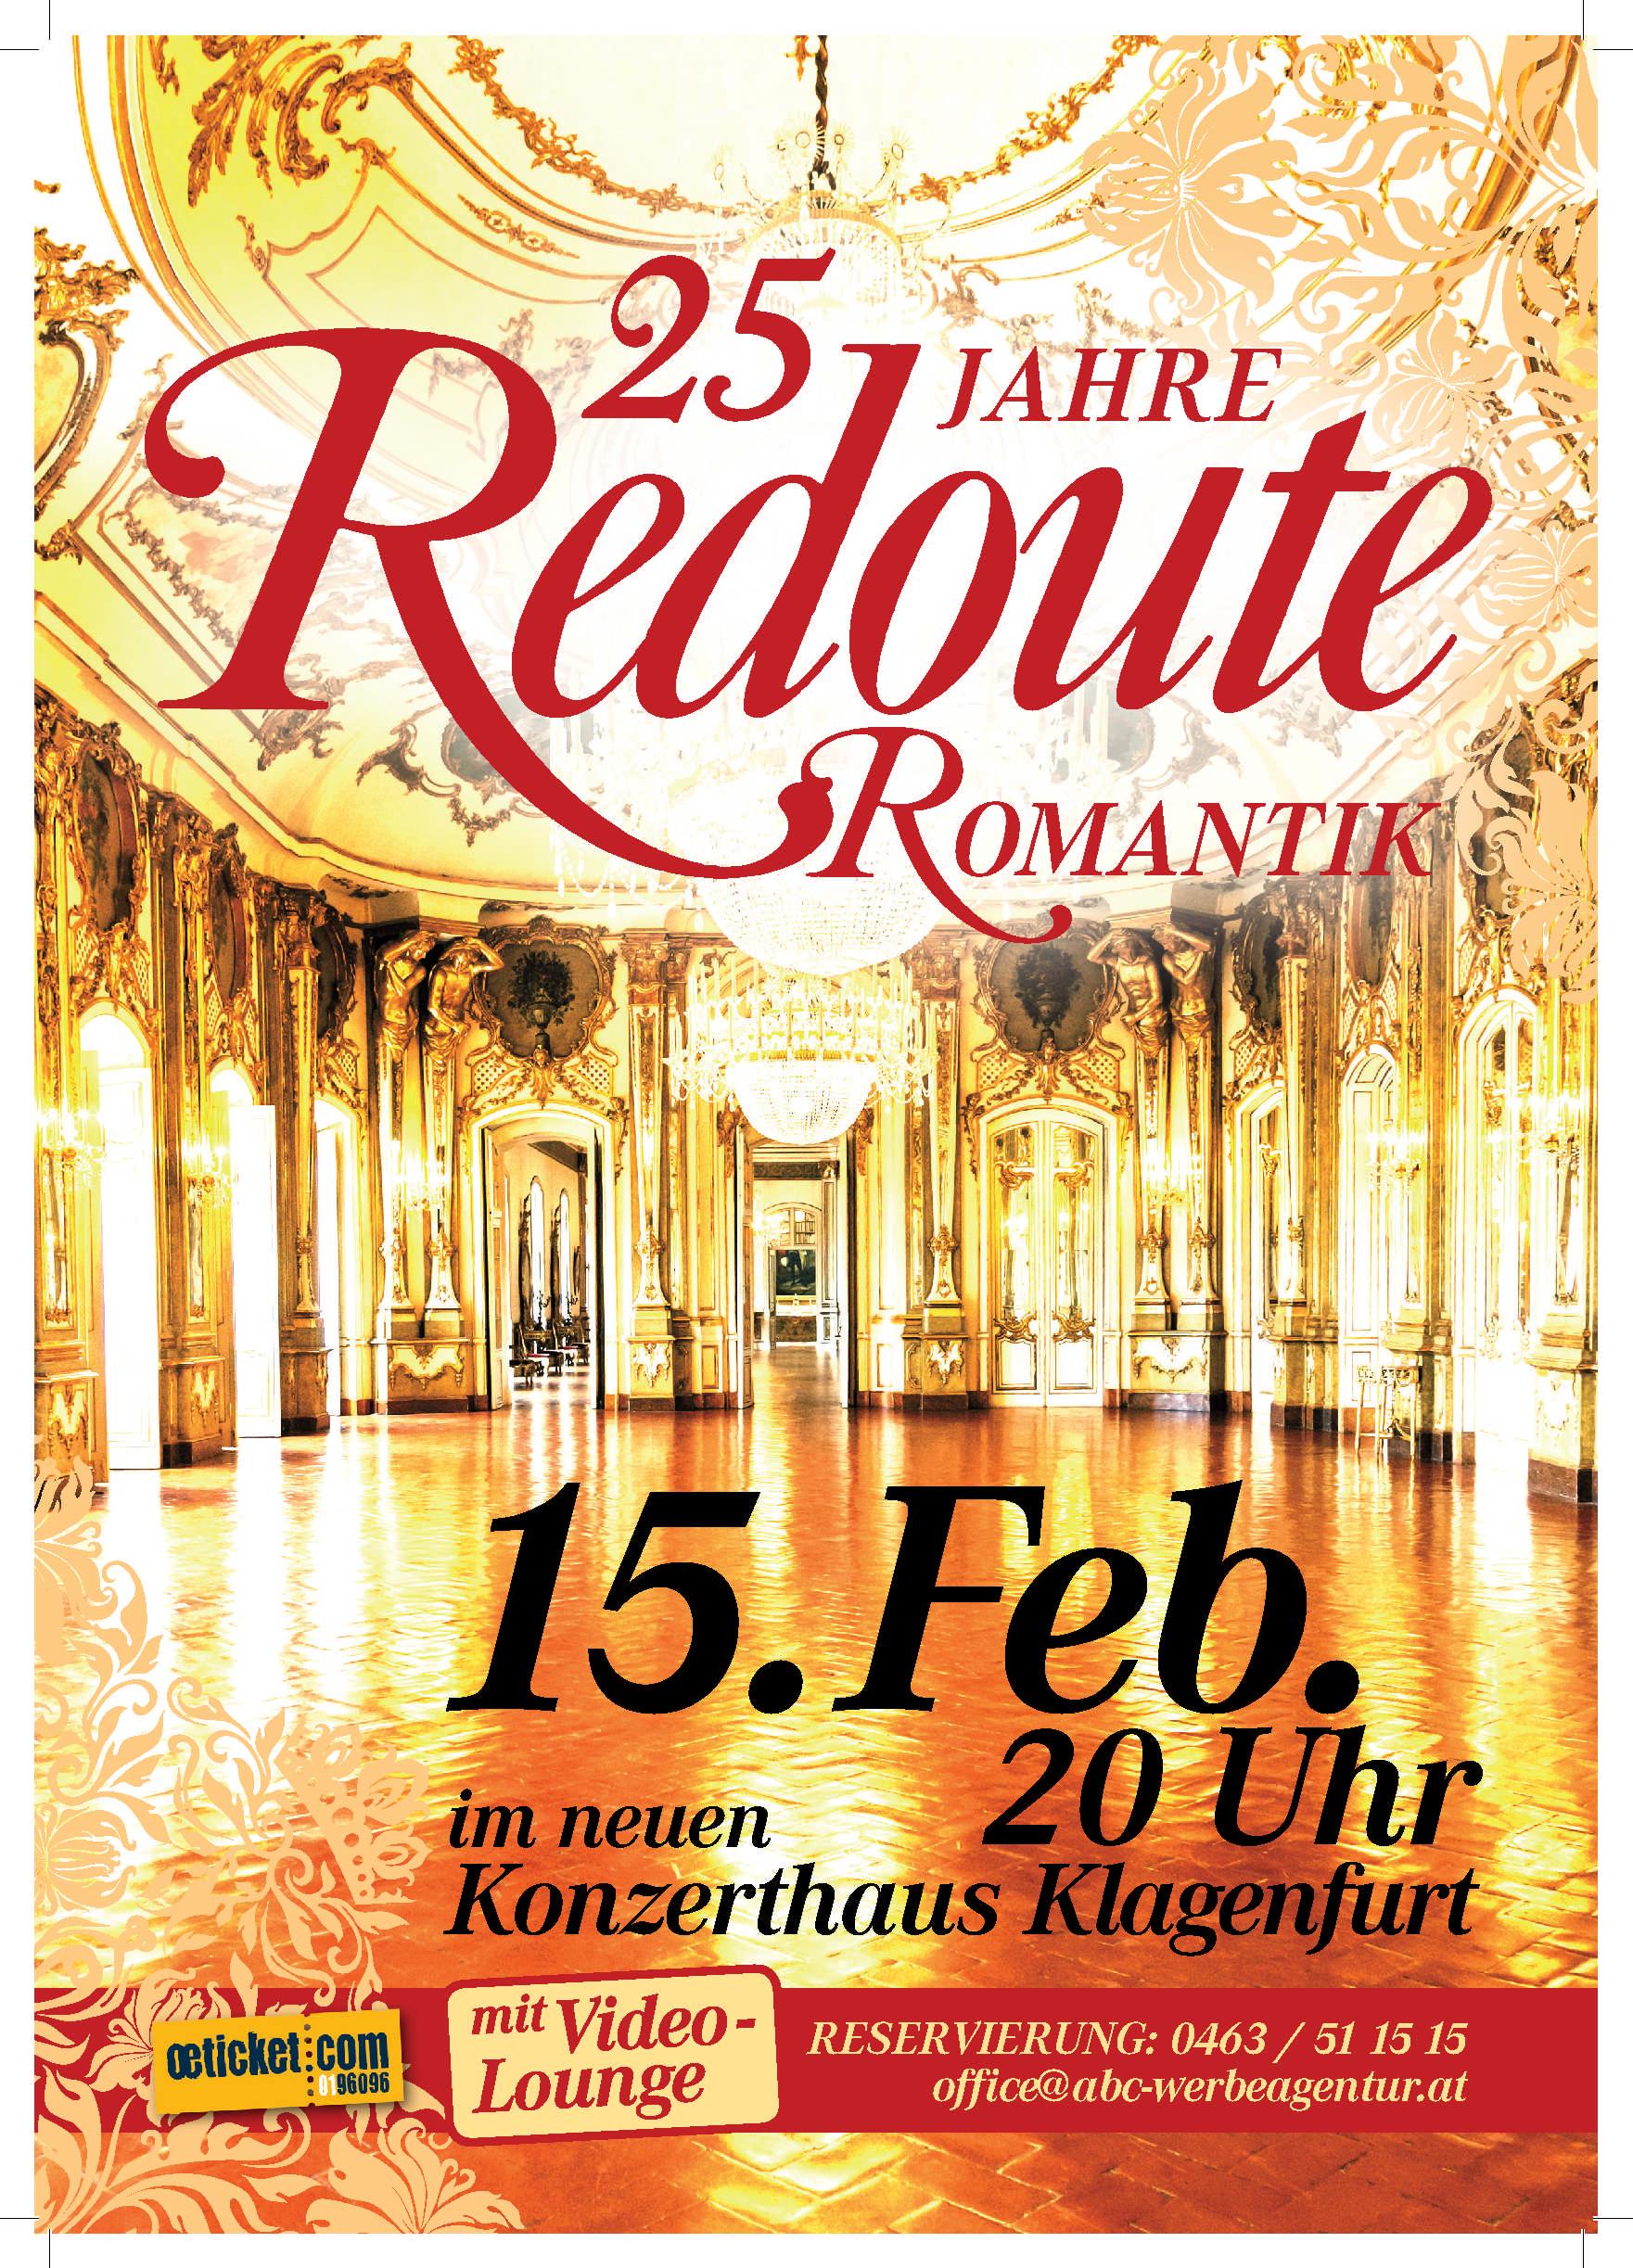 Redoute Ball 2014 Klagenfurt